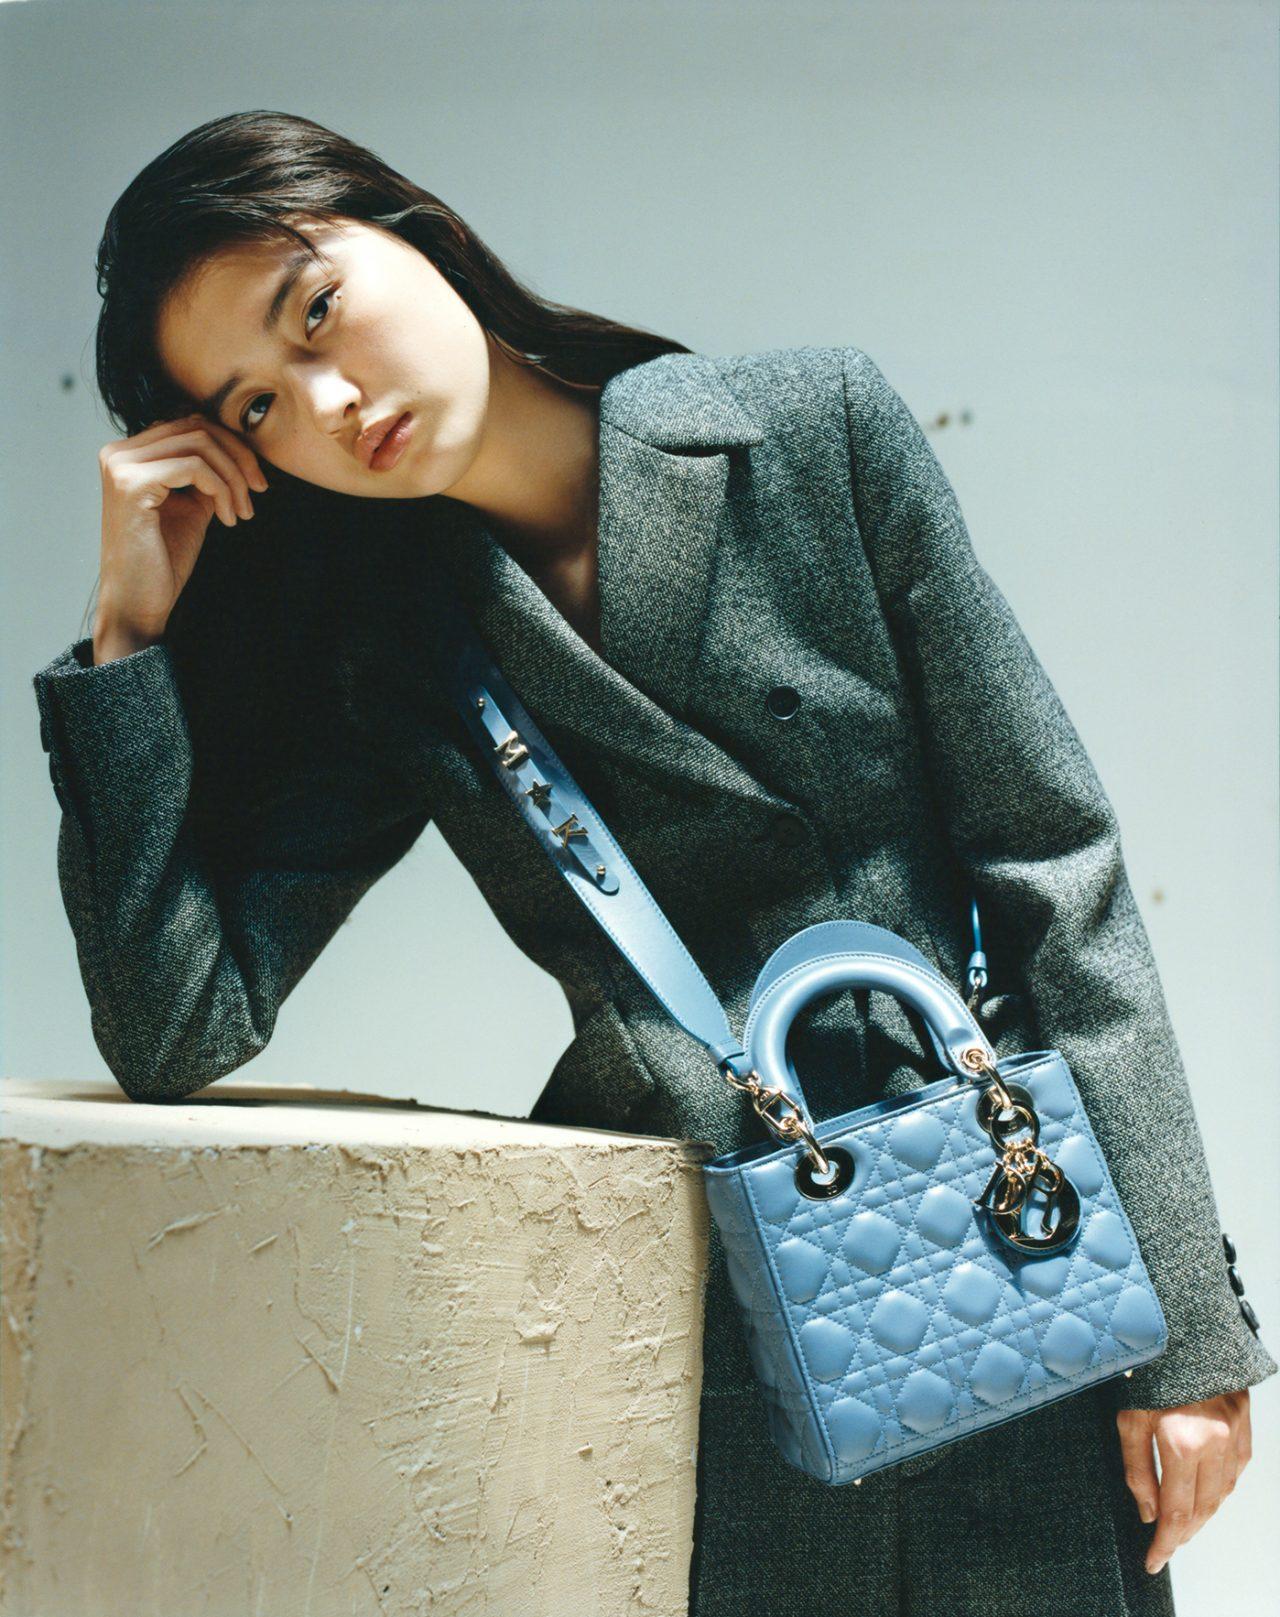 茅島みずきと DIOR (ディオール) vol.4 | Fashion | THE FASHION POST